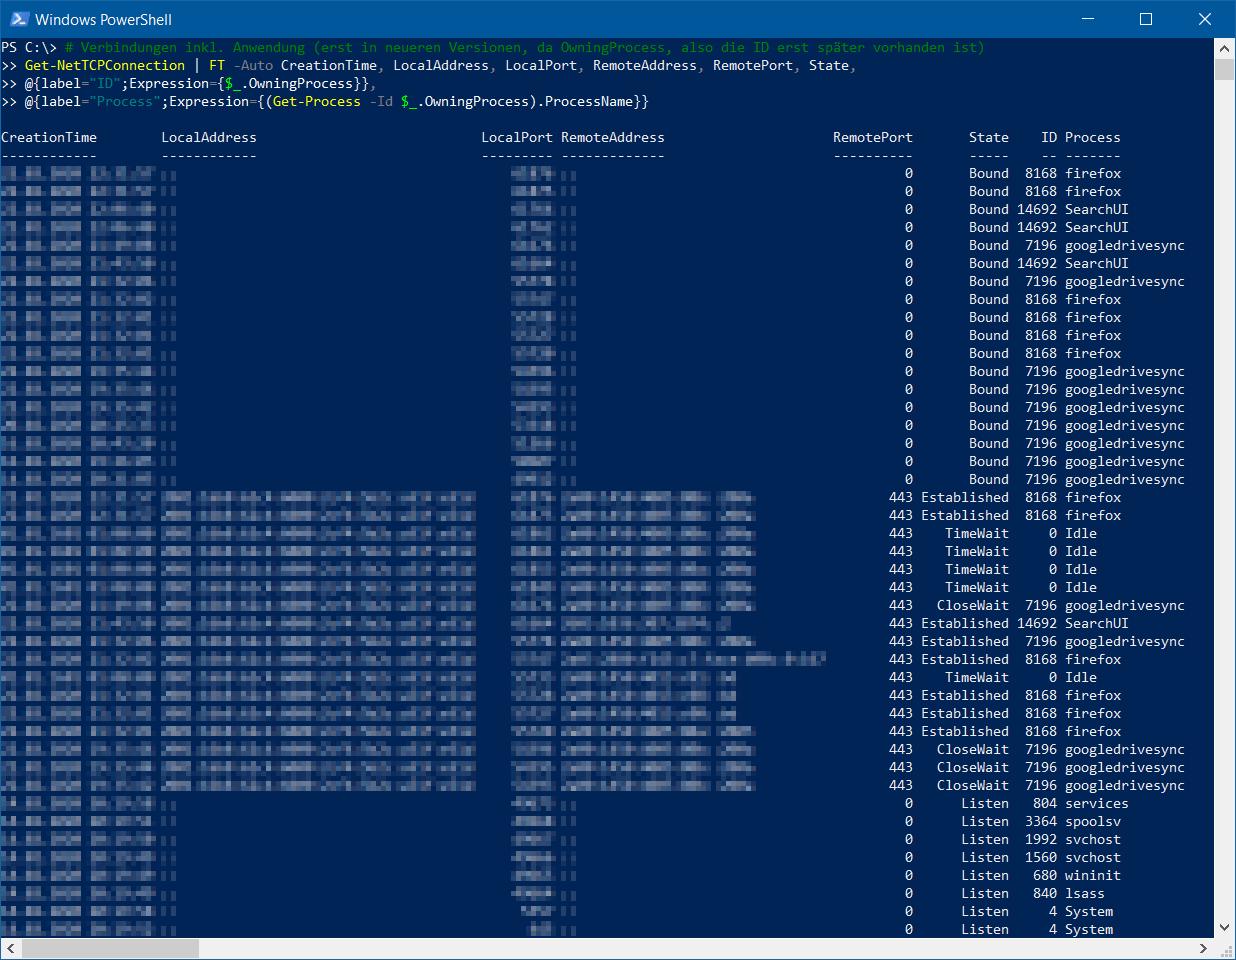 Get-NetTCPConnection - Verbindungen per PowerShell - ohne Hostname - Prozess-ID wird zum Prozessnamen aufgelöst